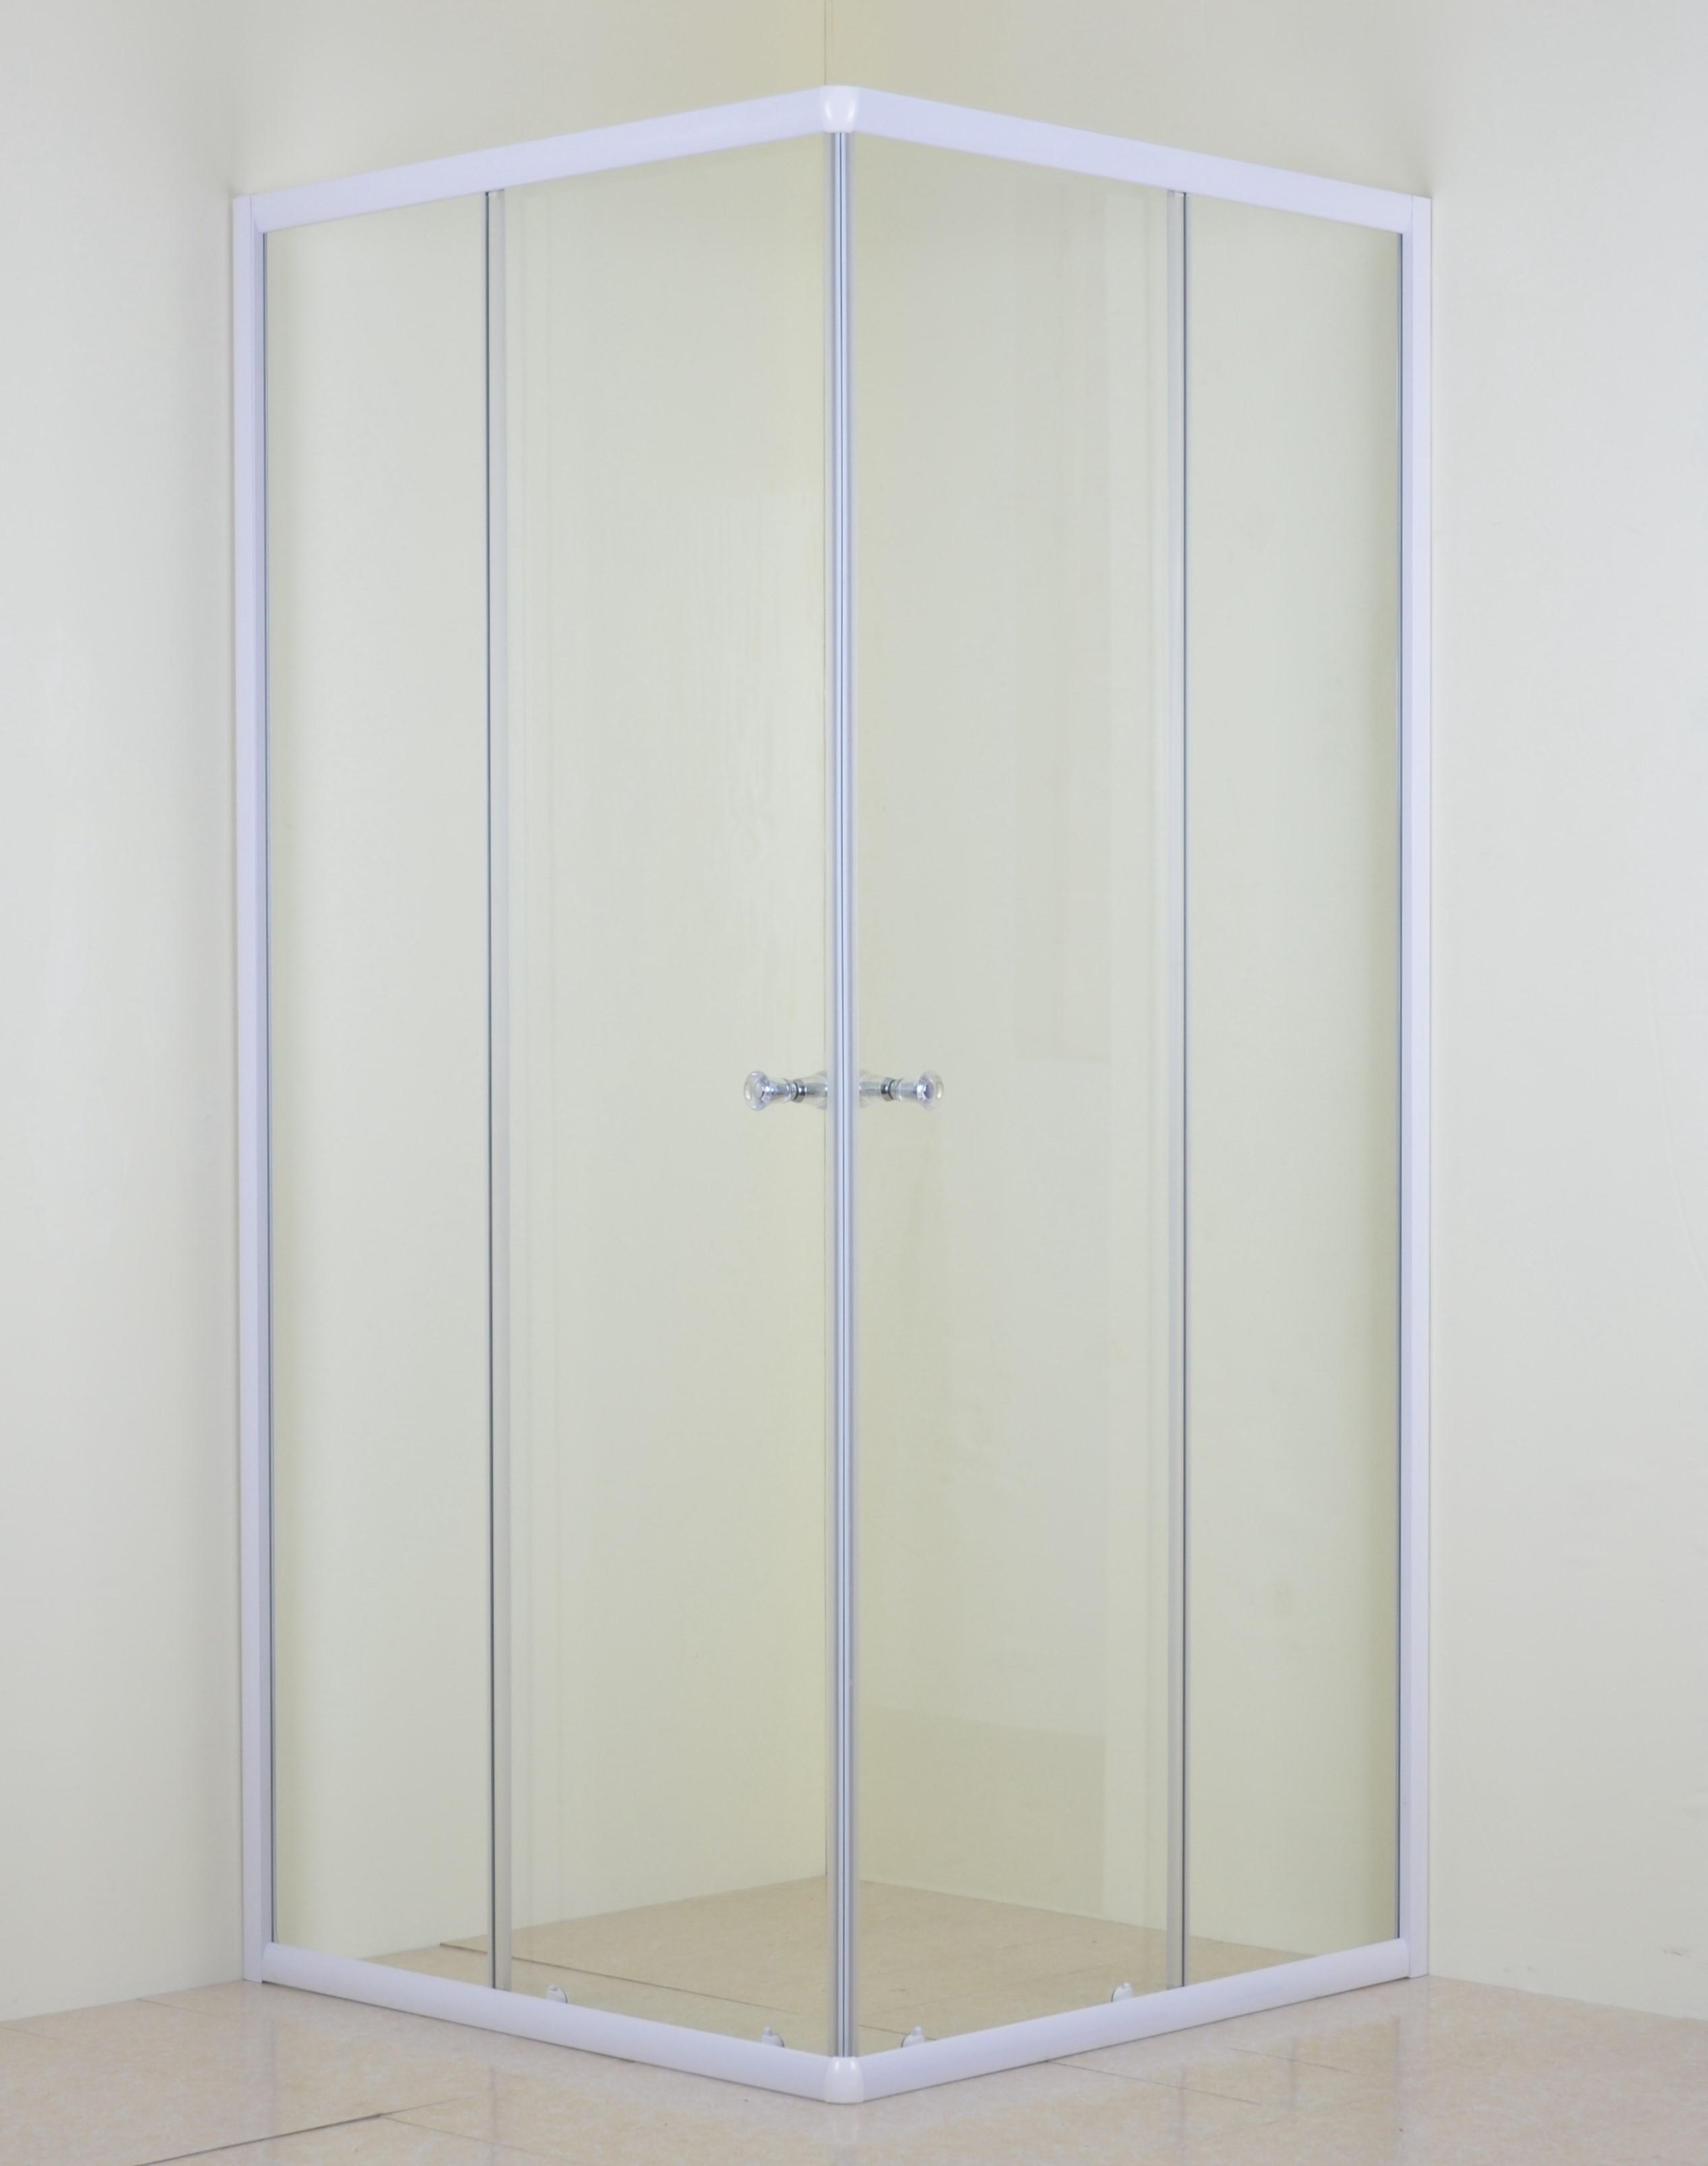 White Corner Entry Shower Enclosure - 36kg